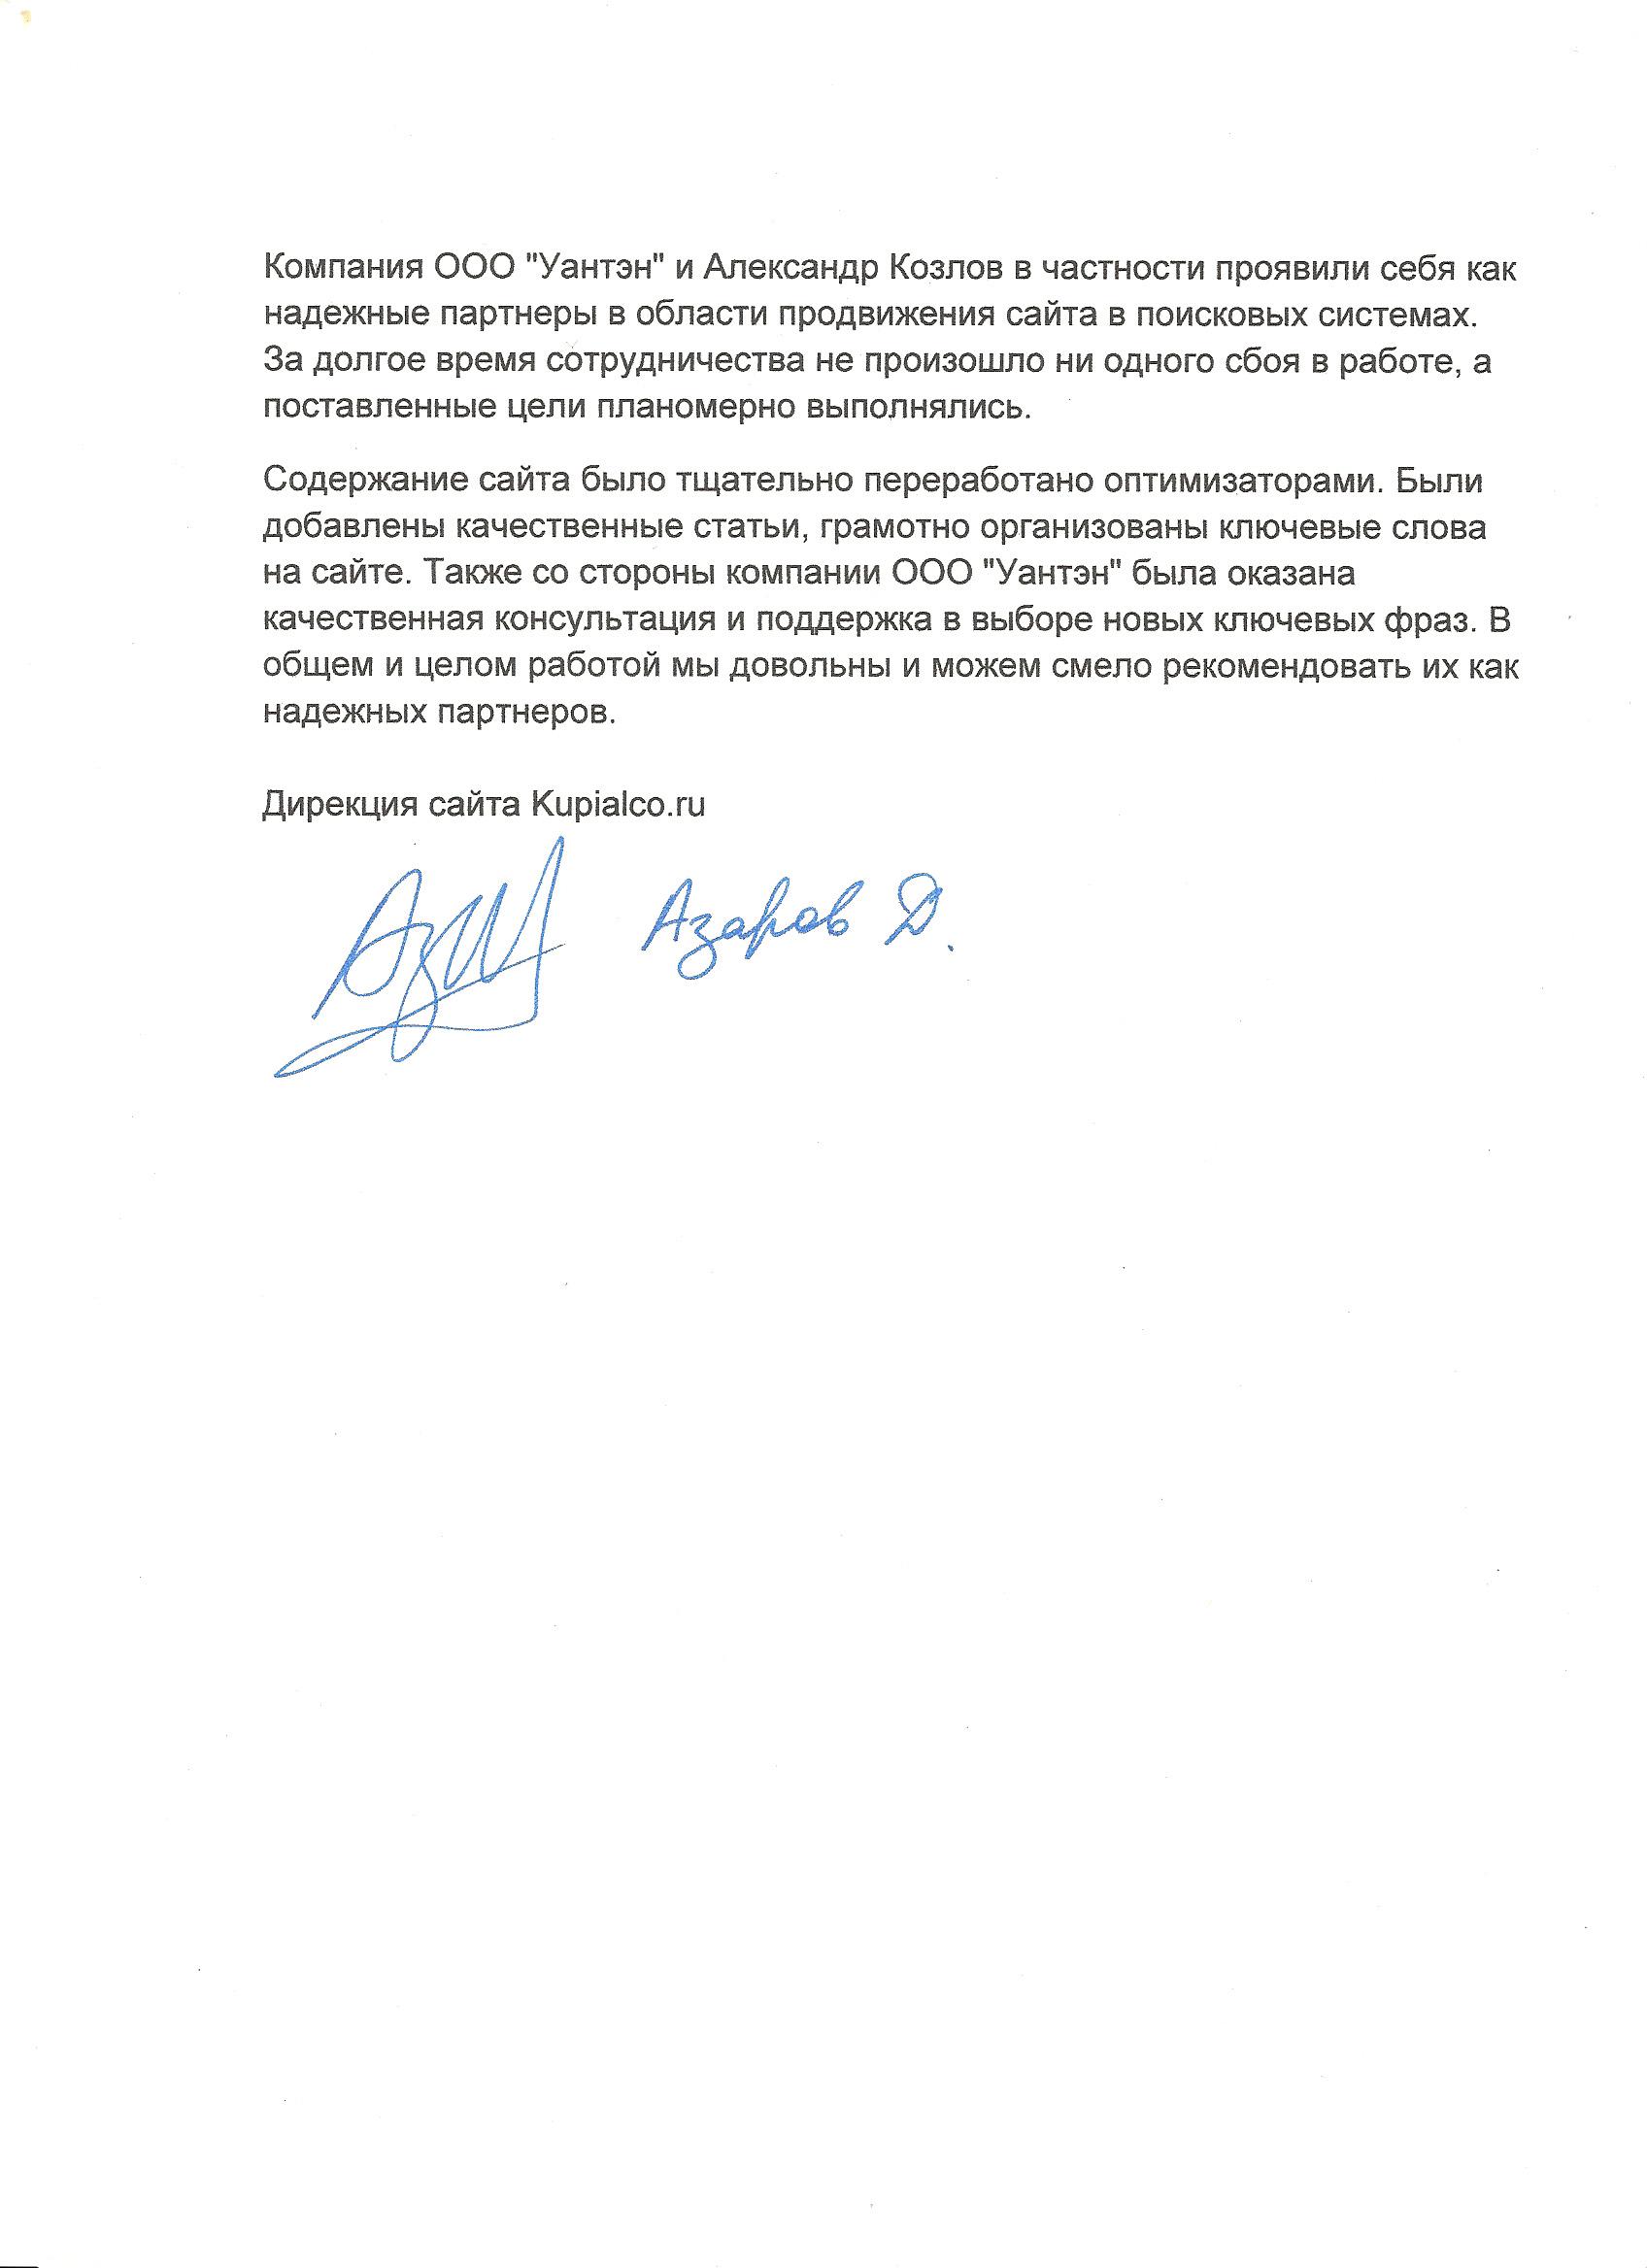 Отзыв о работе компании Уантэн от Азарова Дениса, дирекции сайта Kupialco.ru